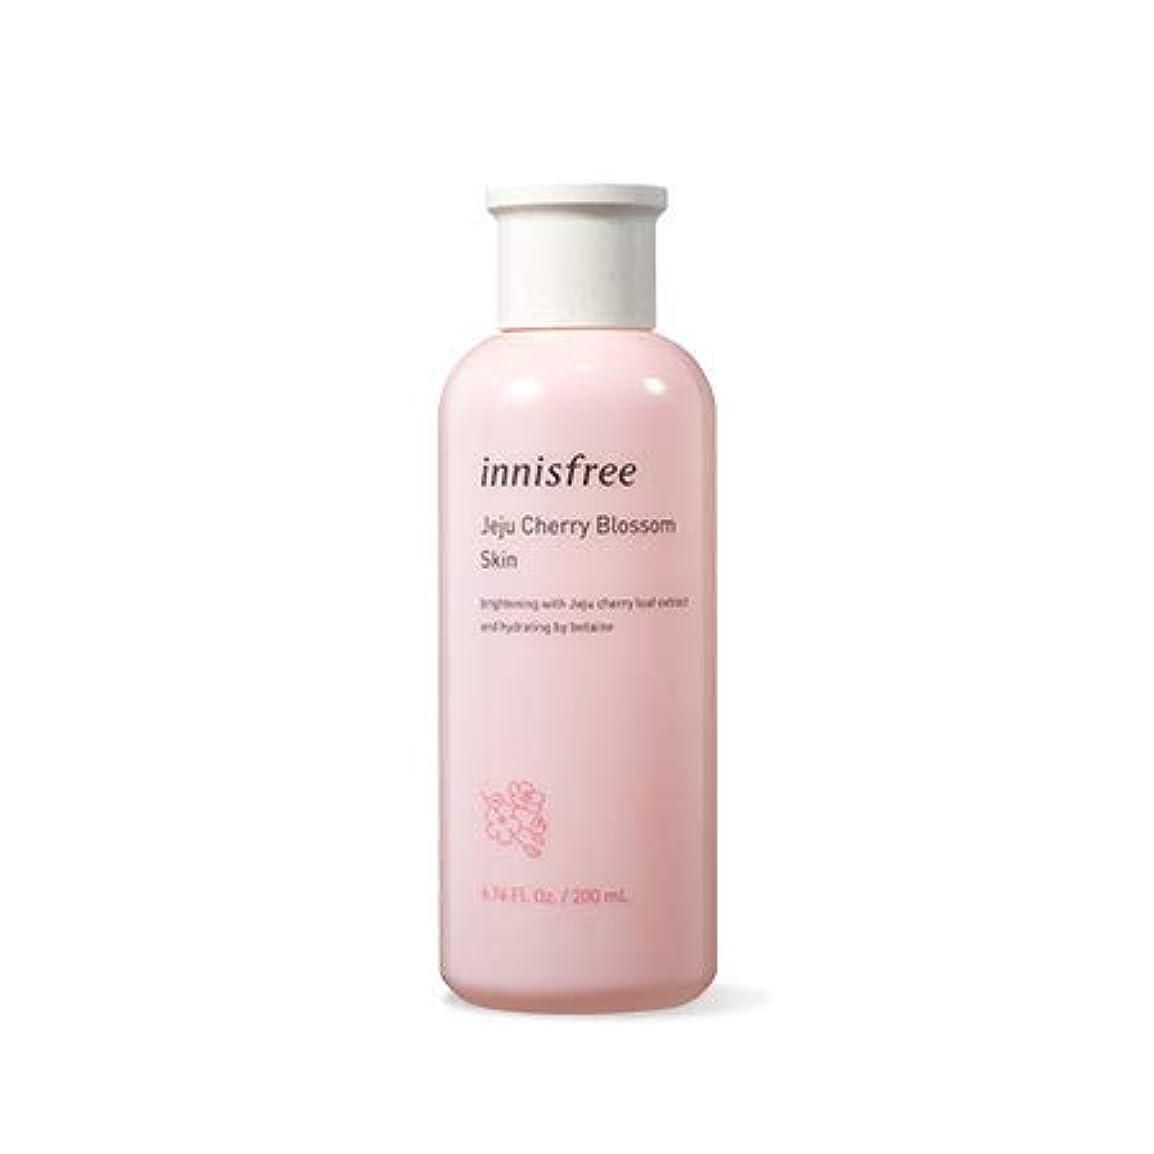 海里動詞理想的にはイニスフリー 済州 チェリー ブラッサム スキン 200ml / Innisfree Jeju Cherry Blossom Skin 200ml [並行輸入品]